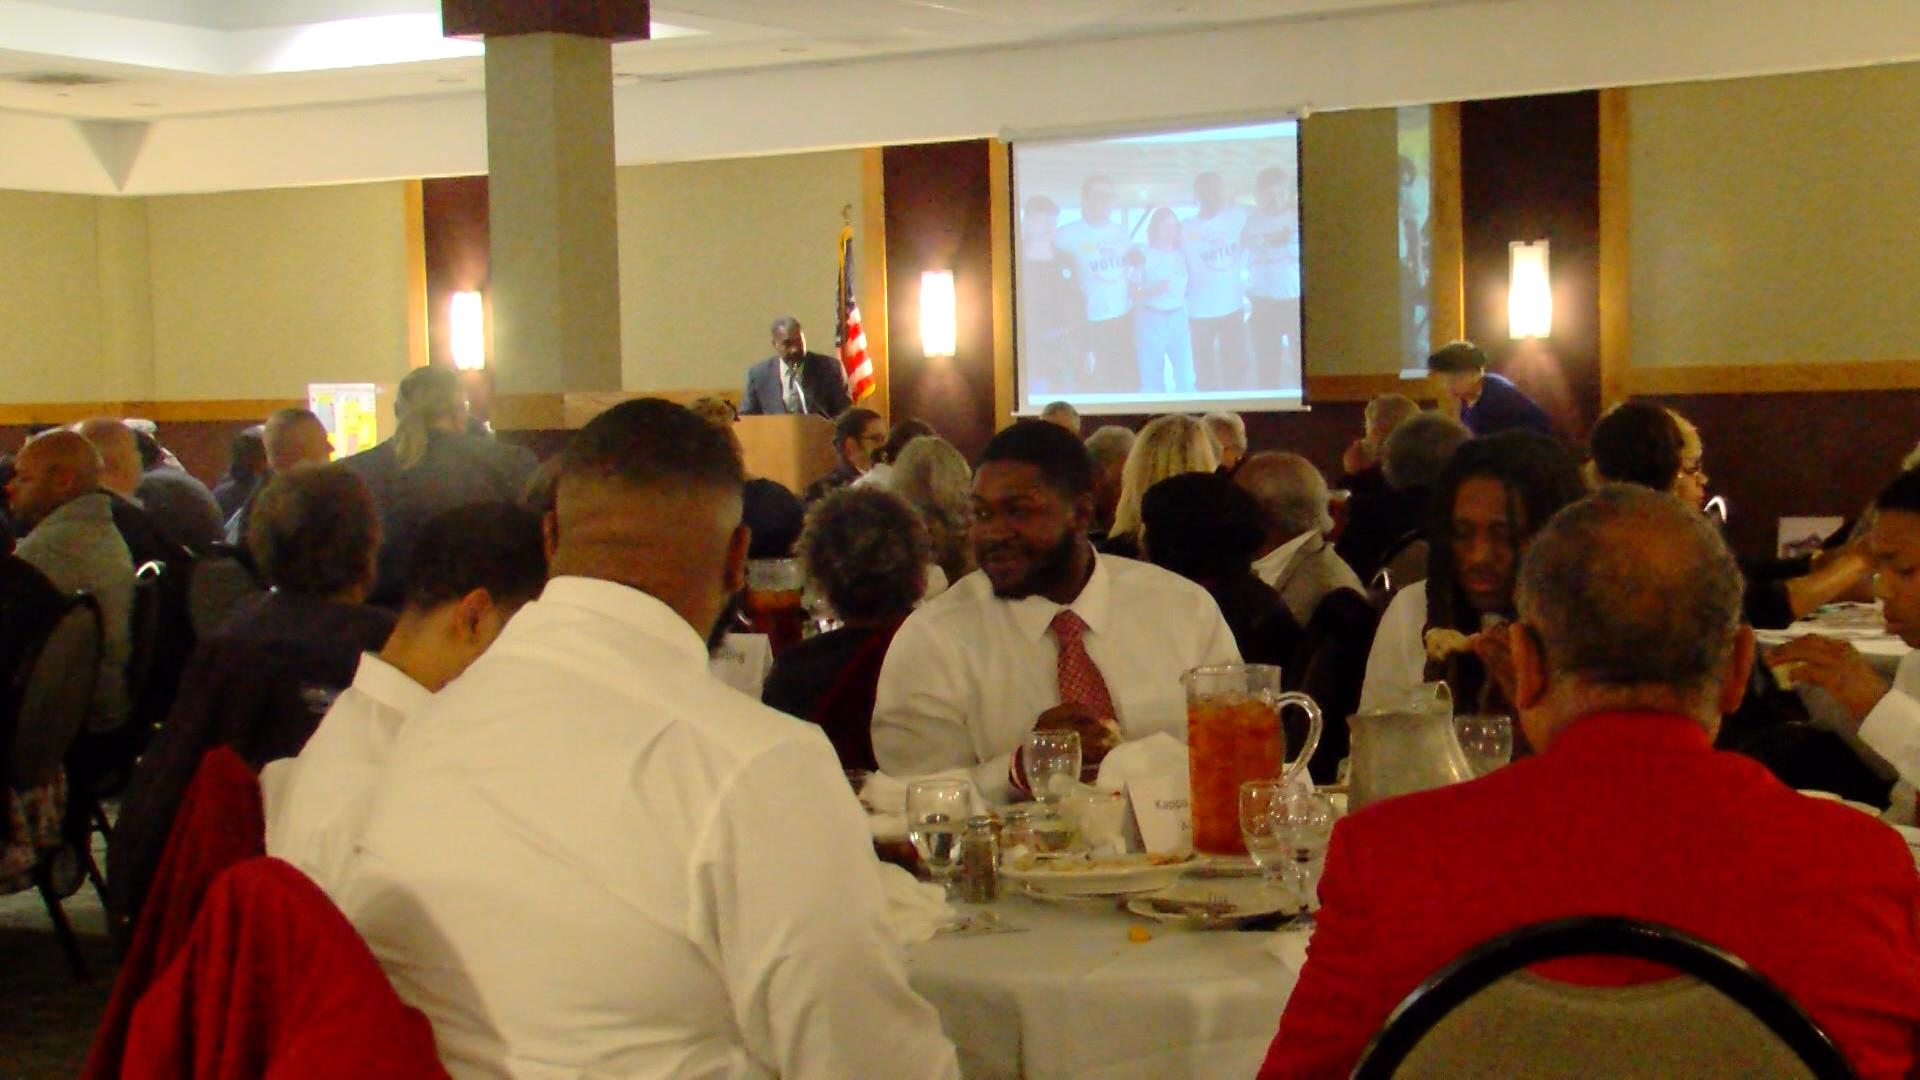 NAACP Banquet _1542512690042.jpg.jpg